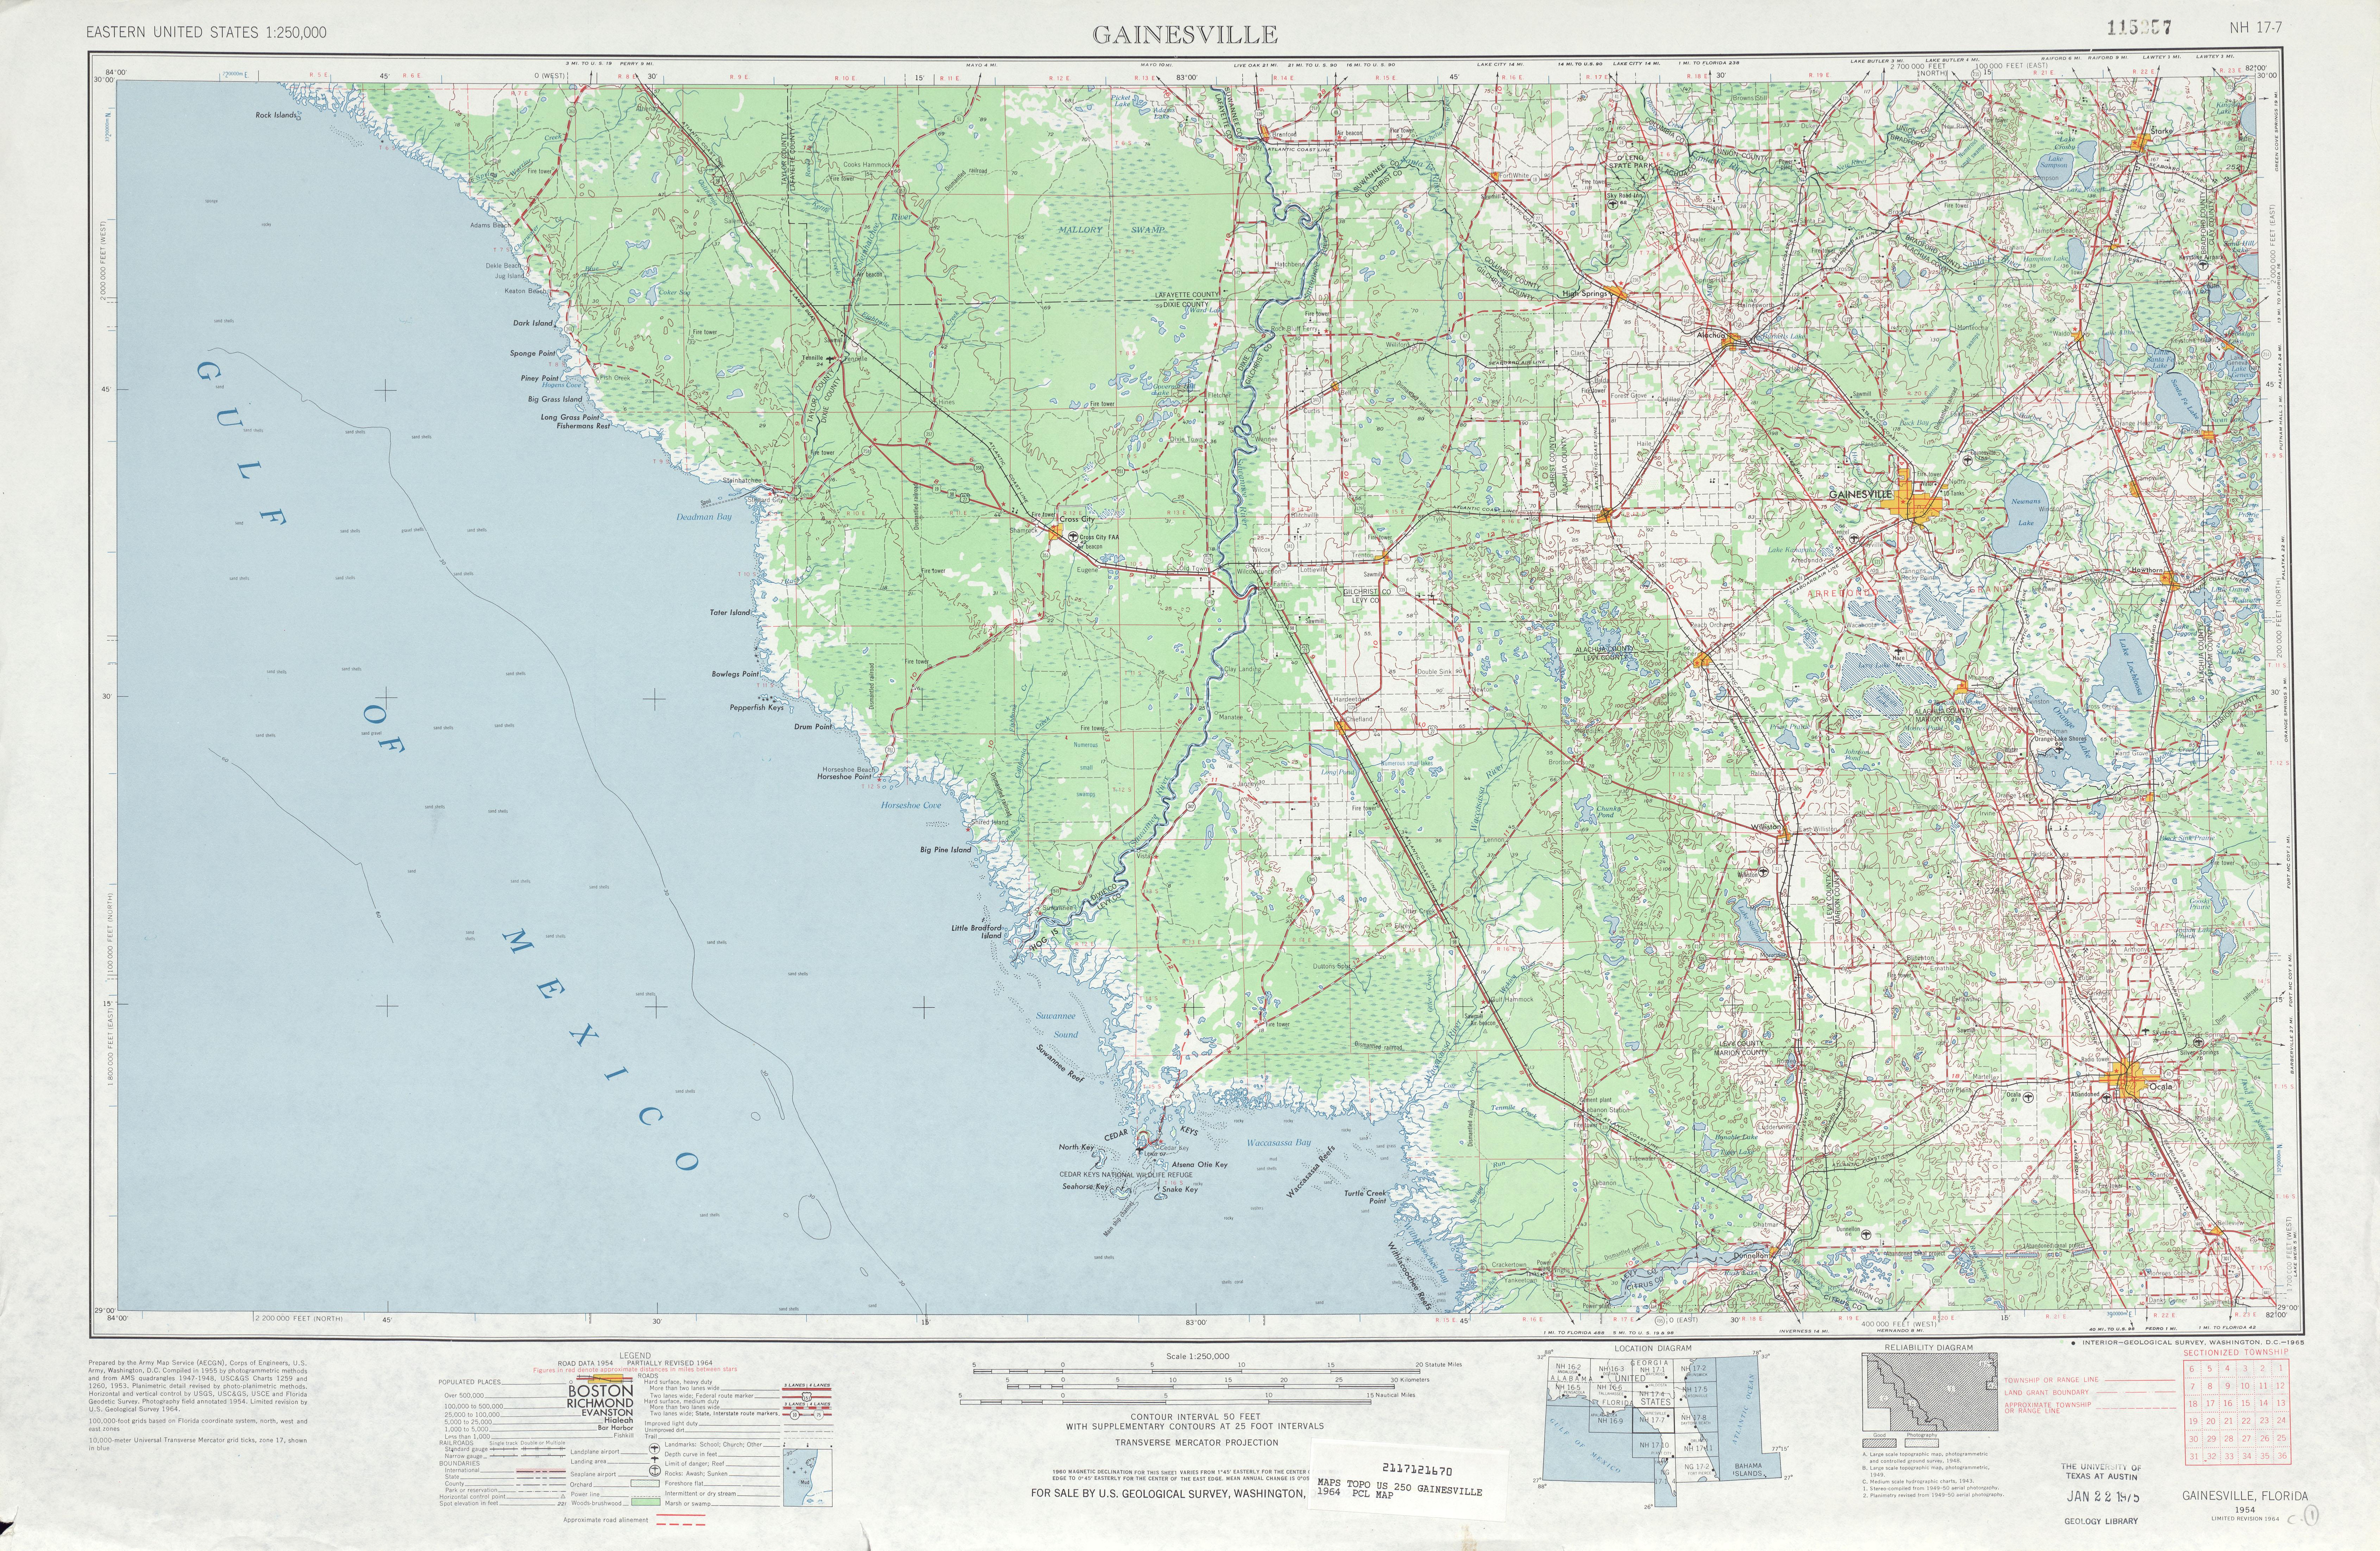 Hoja Gainesville del Mapa Topográfico de los Estados Unidos 1964